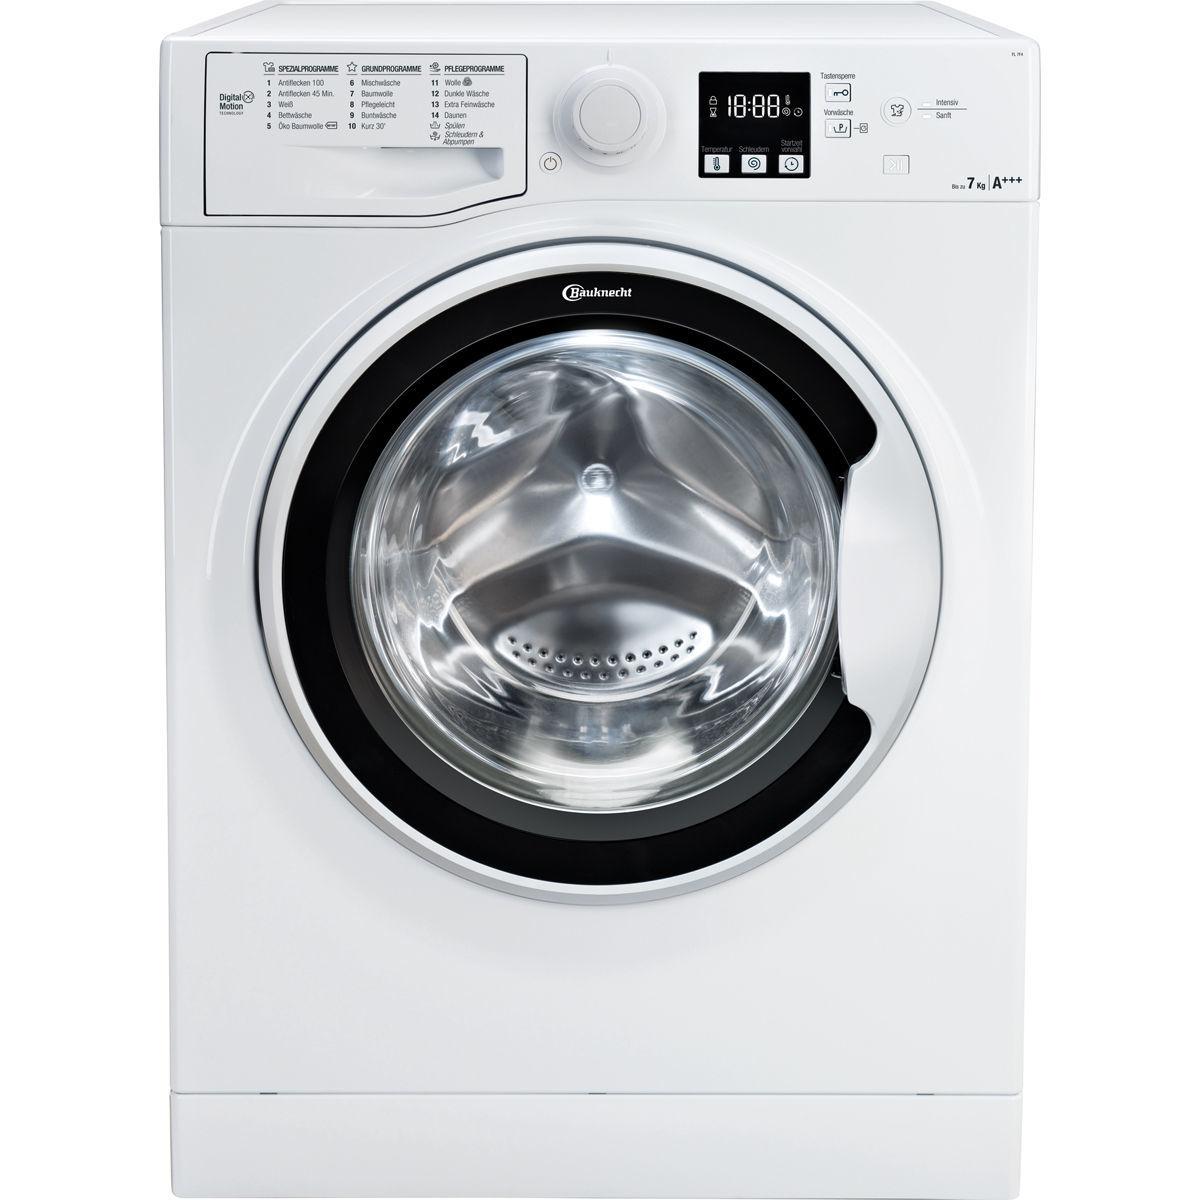 Bauknecht FL 7F4 Waschmaschine A+++ 7KG inkl. Lieferung mit Newsletteranmeldung [KARSTADT]